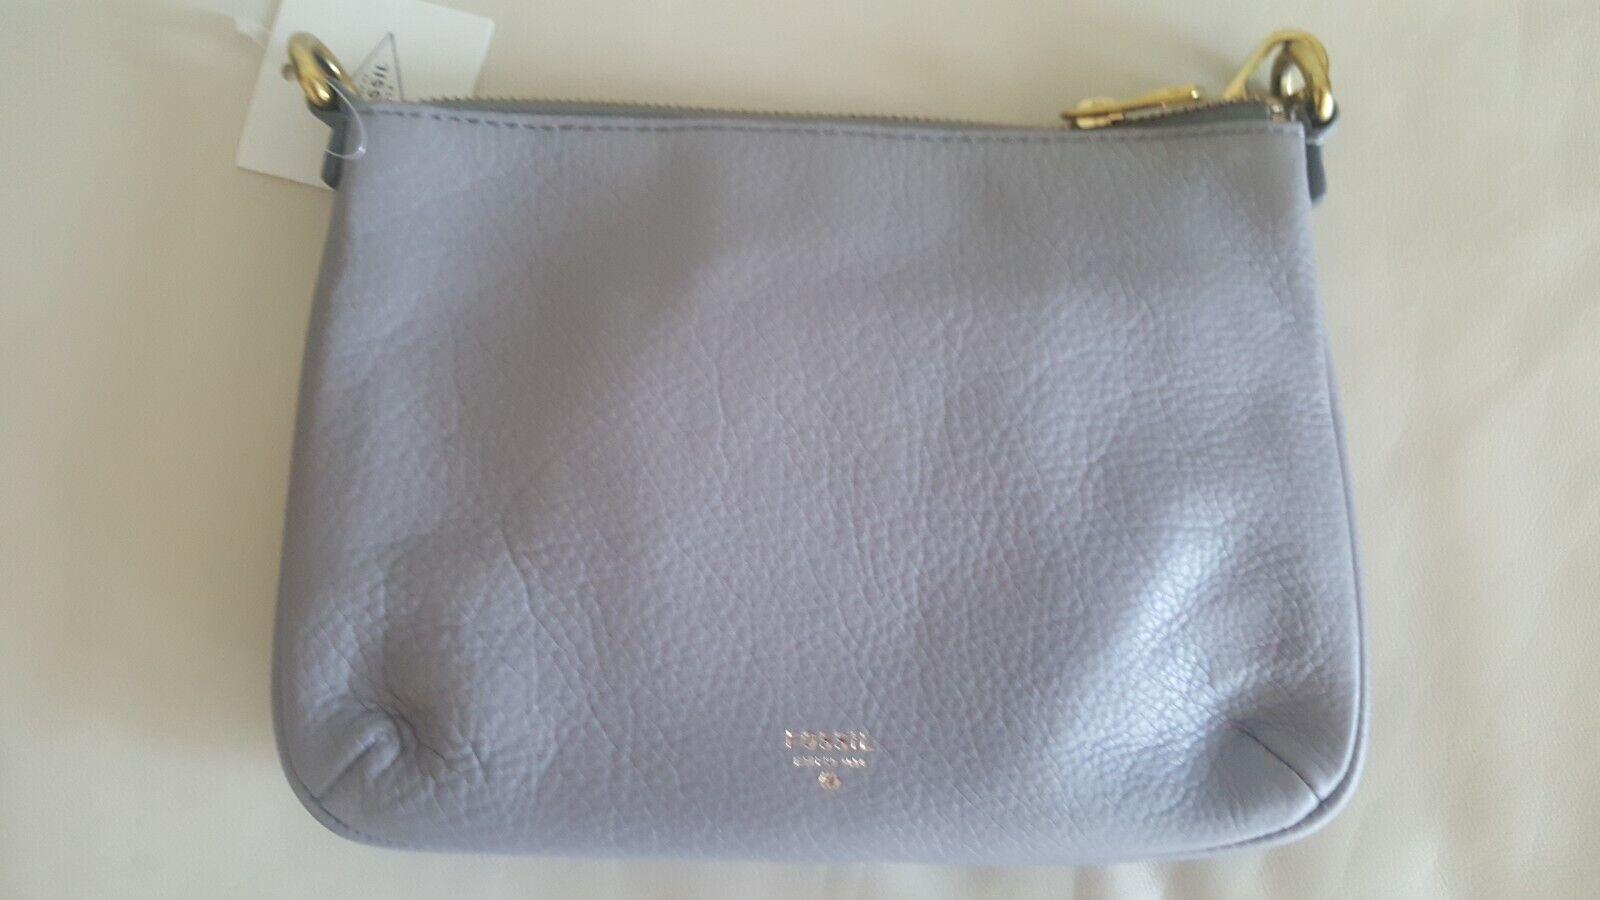 Fossil Sofia SHB1514020 Grey Genuine Leather MD Crossbody Bag NWT